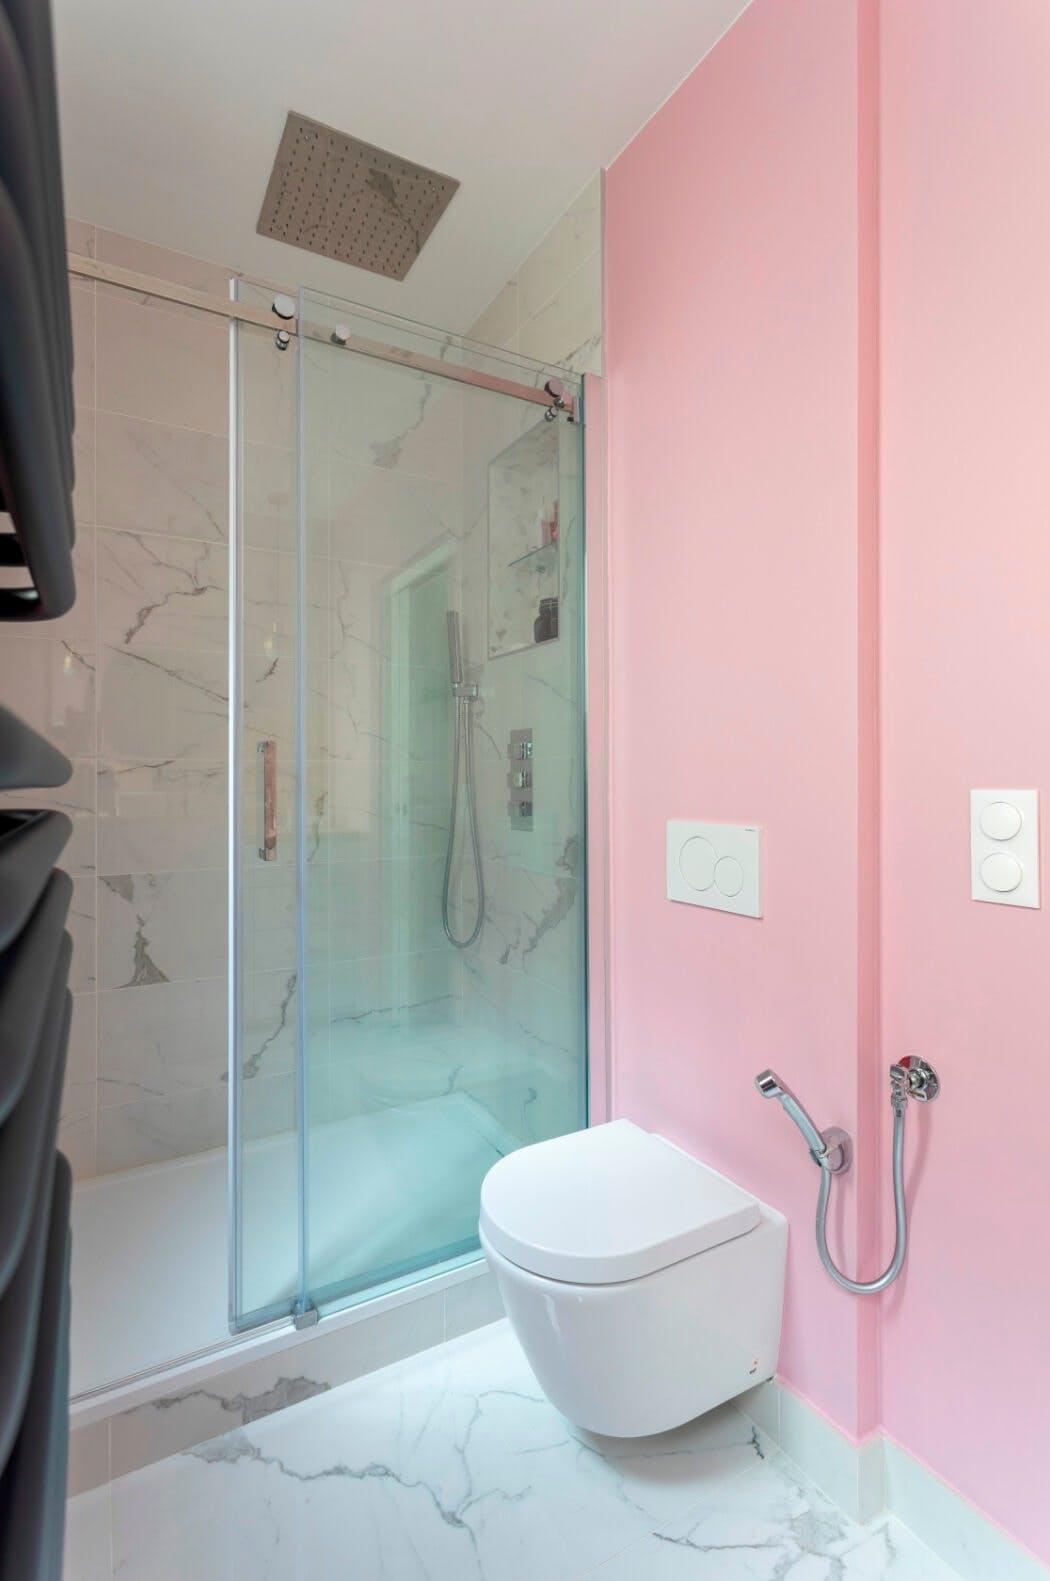 Espace douche à l'italienne et wc suspendu dans cette salle de bain rénovée